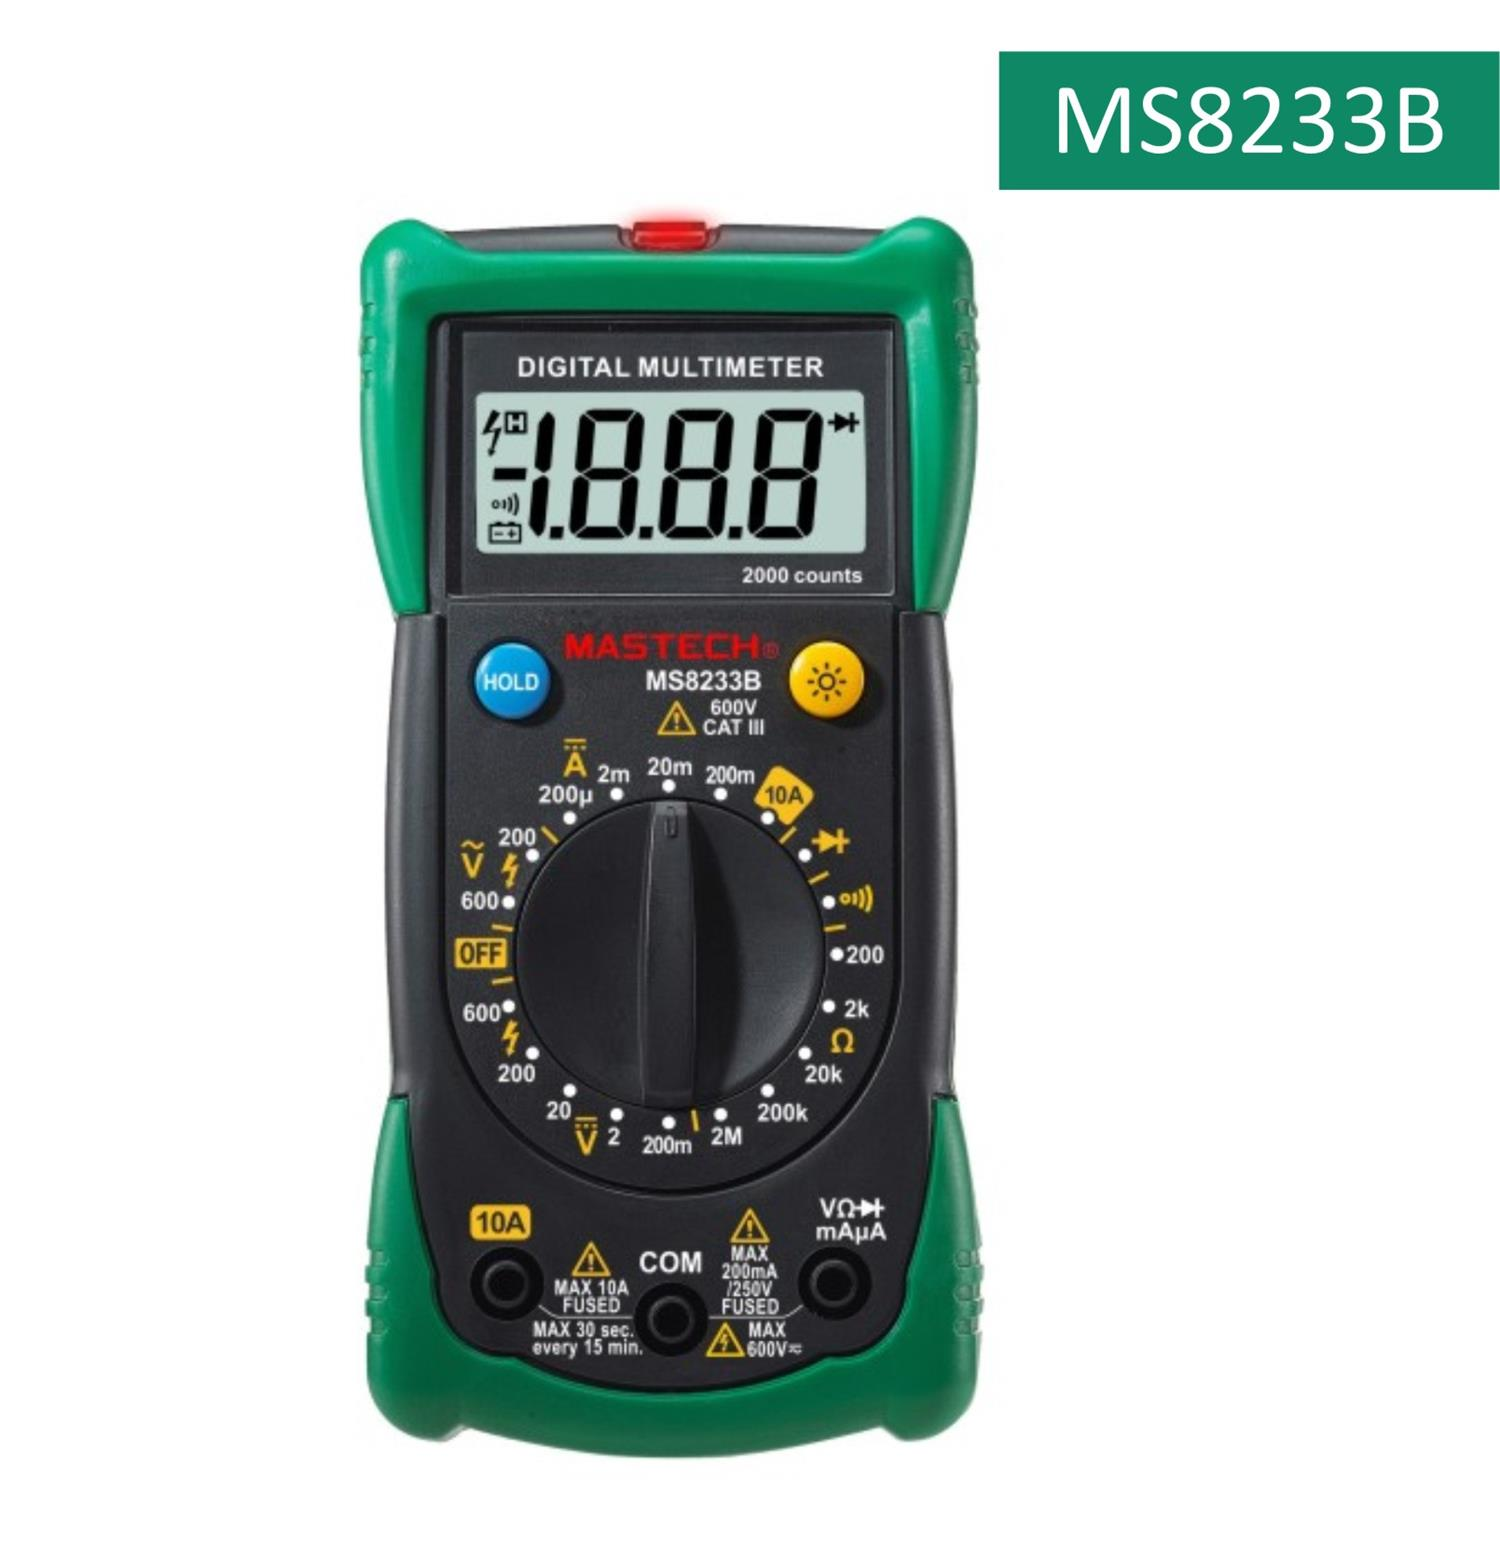 MS 8233B